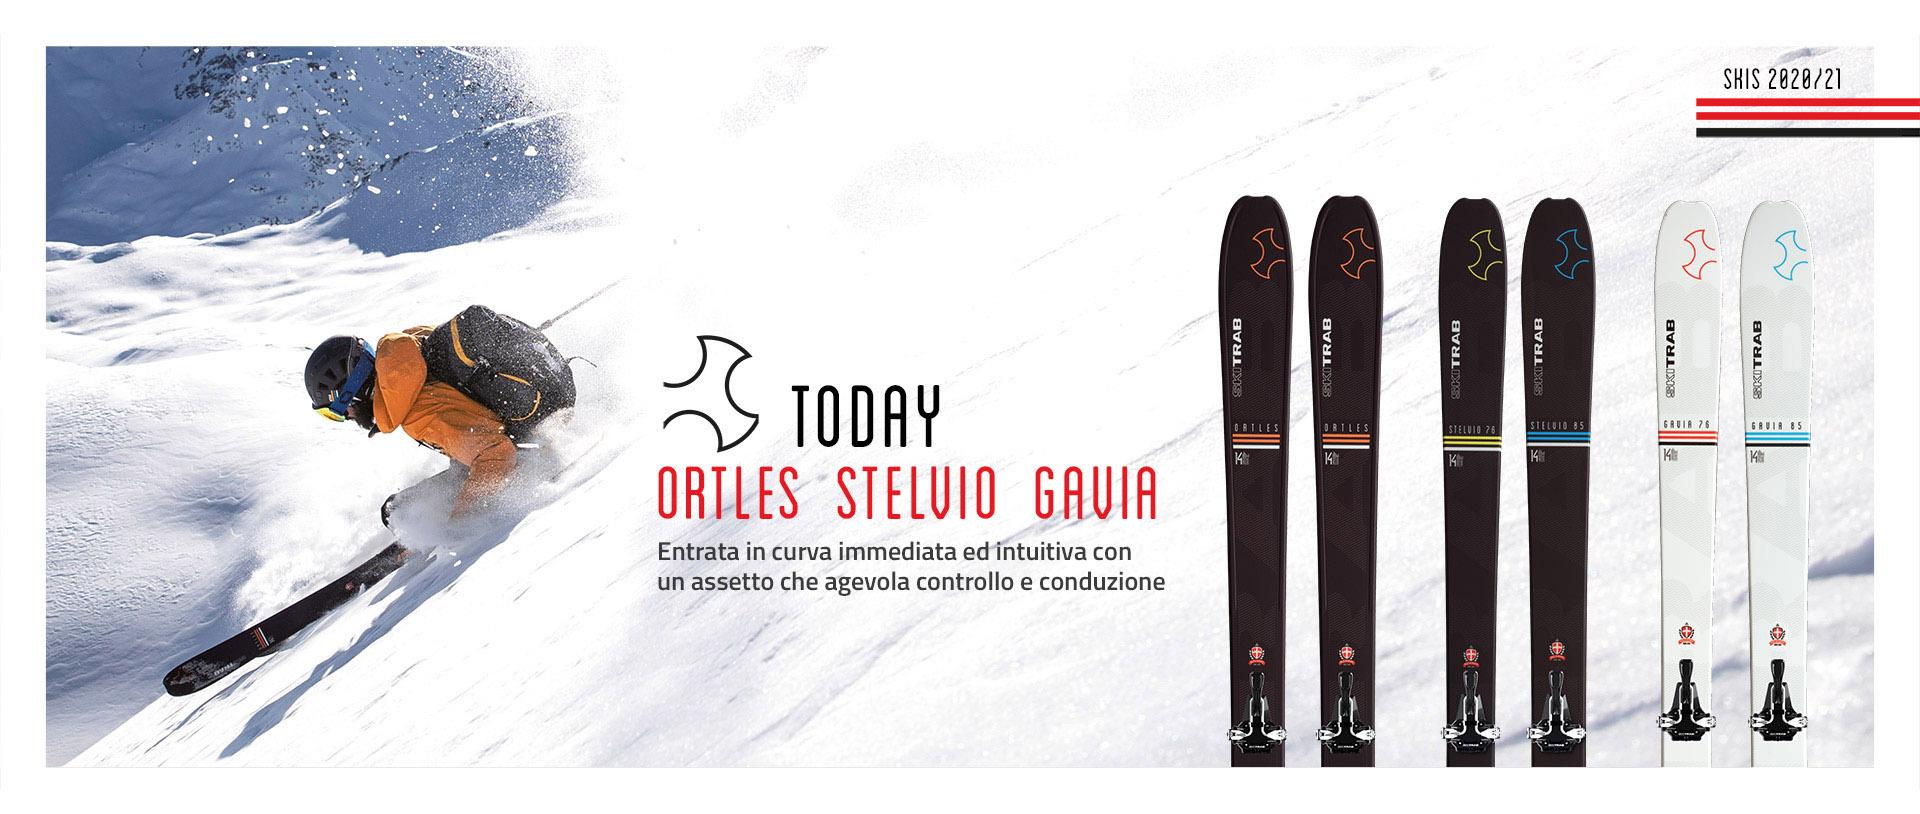 Ortles-Stelvio-Gavia